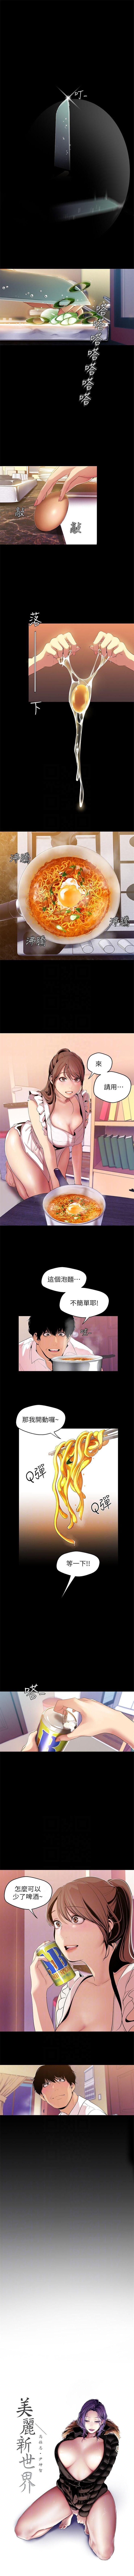 (週1)美麗新世界 1-70 中文翻譯 (更新中) 369